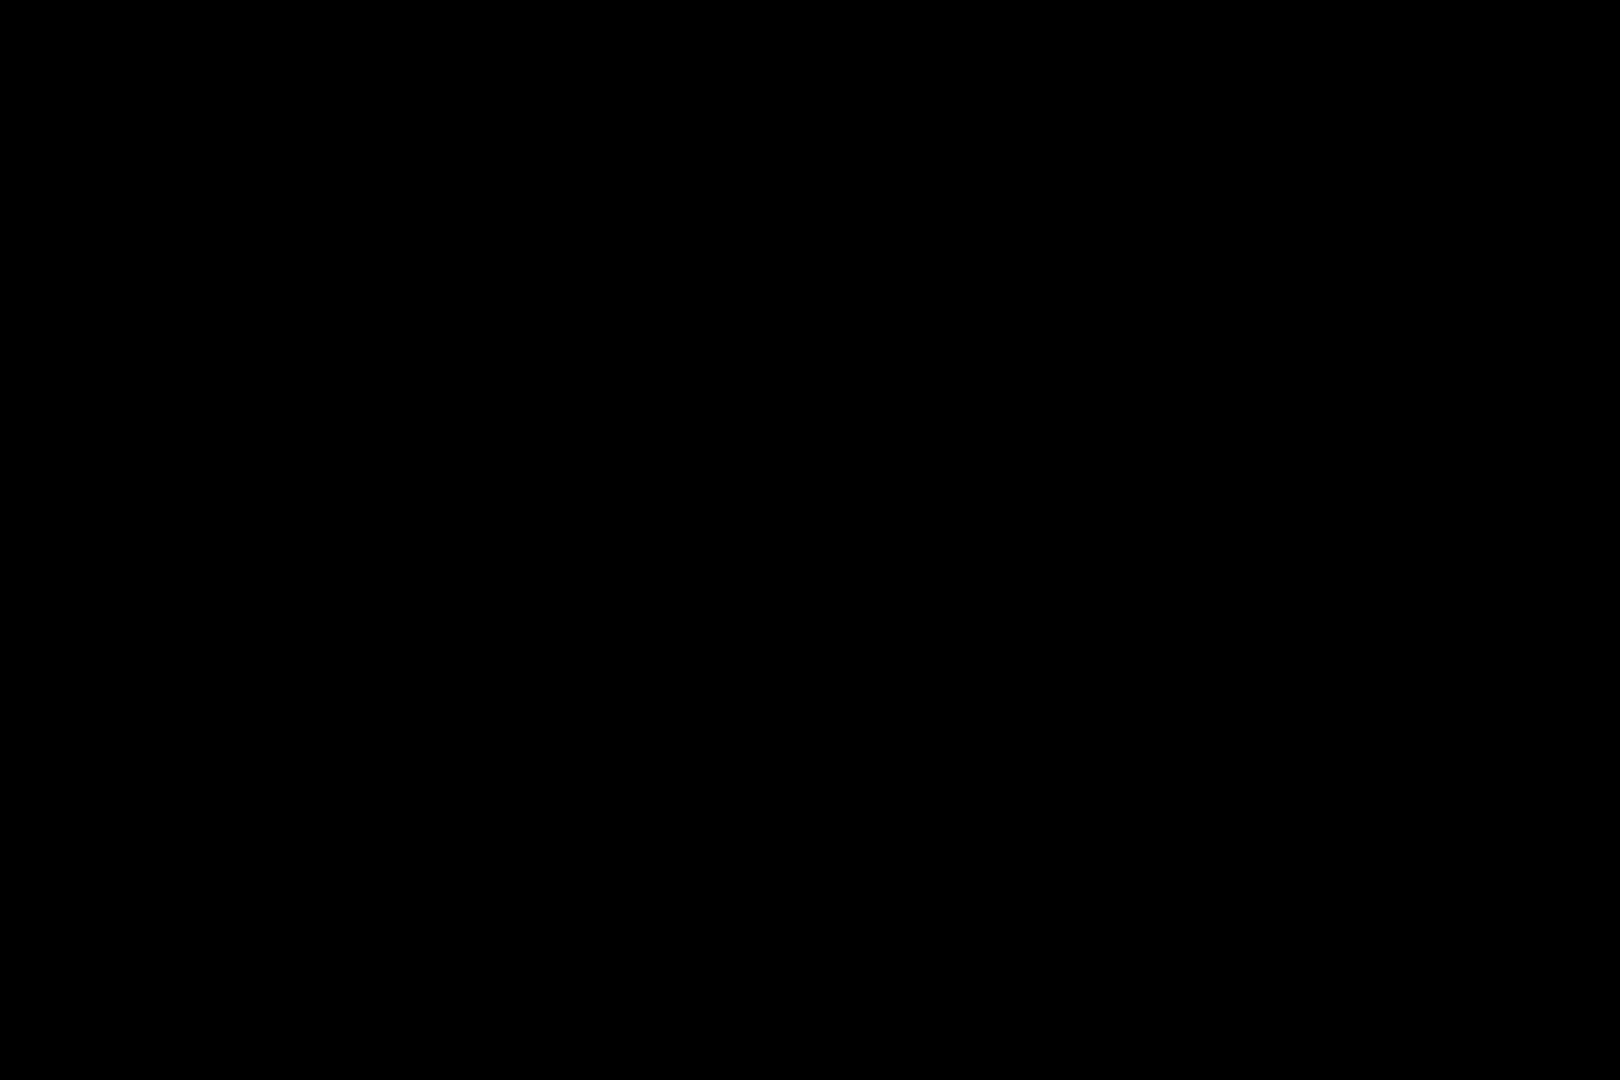 充血監督の深夜の運動会Vol.102 OLエロ画像 盗撮AV動画キャプチャ 95PICs 74